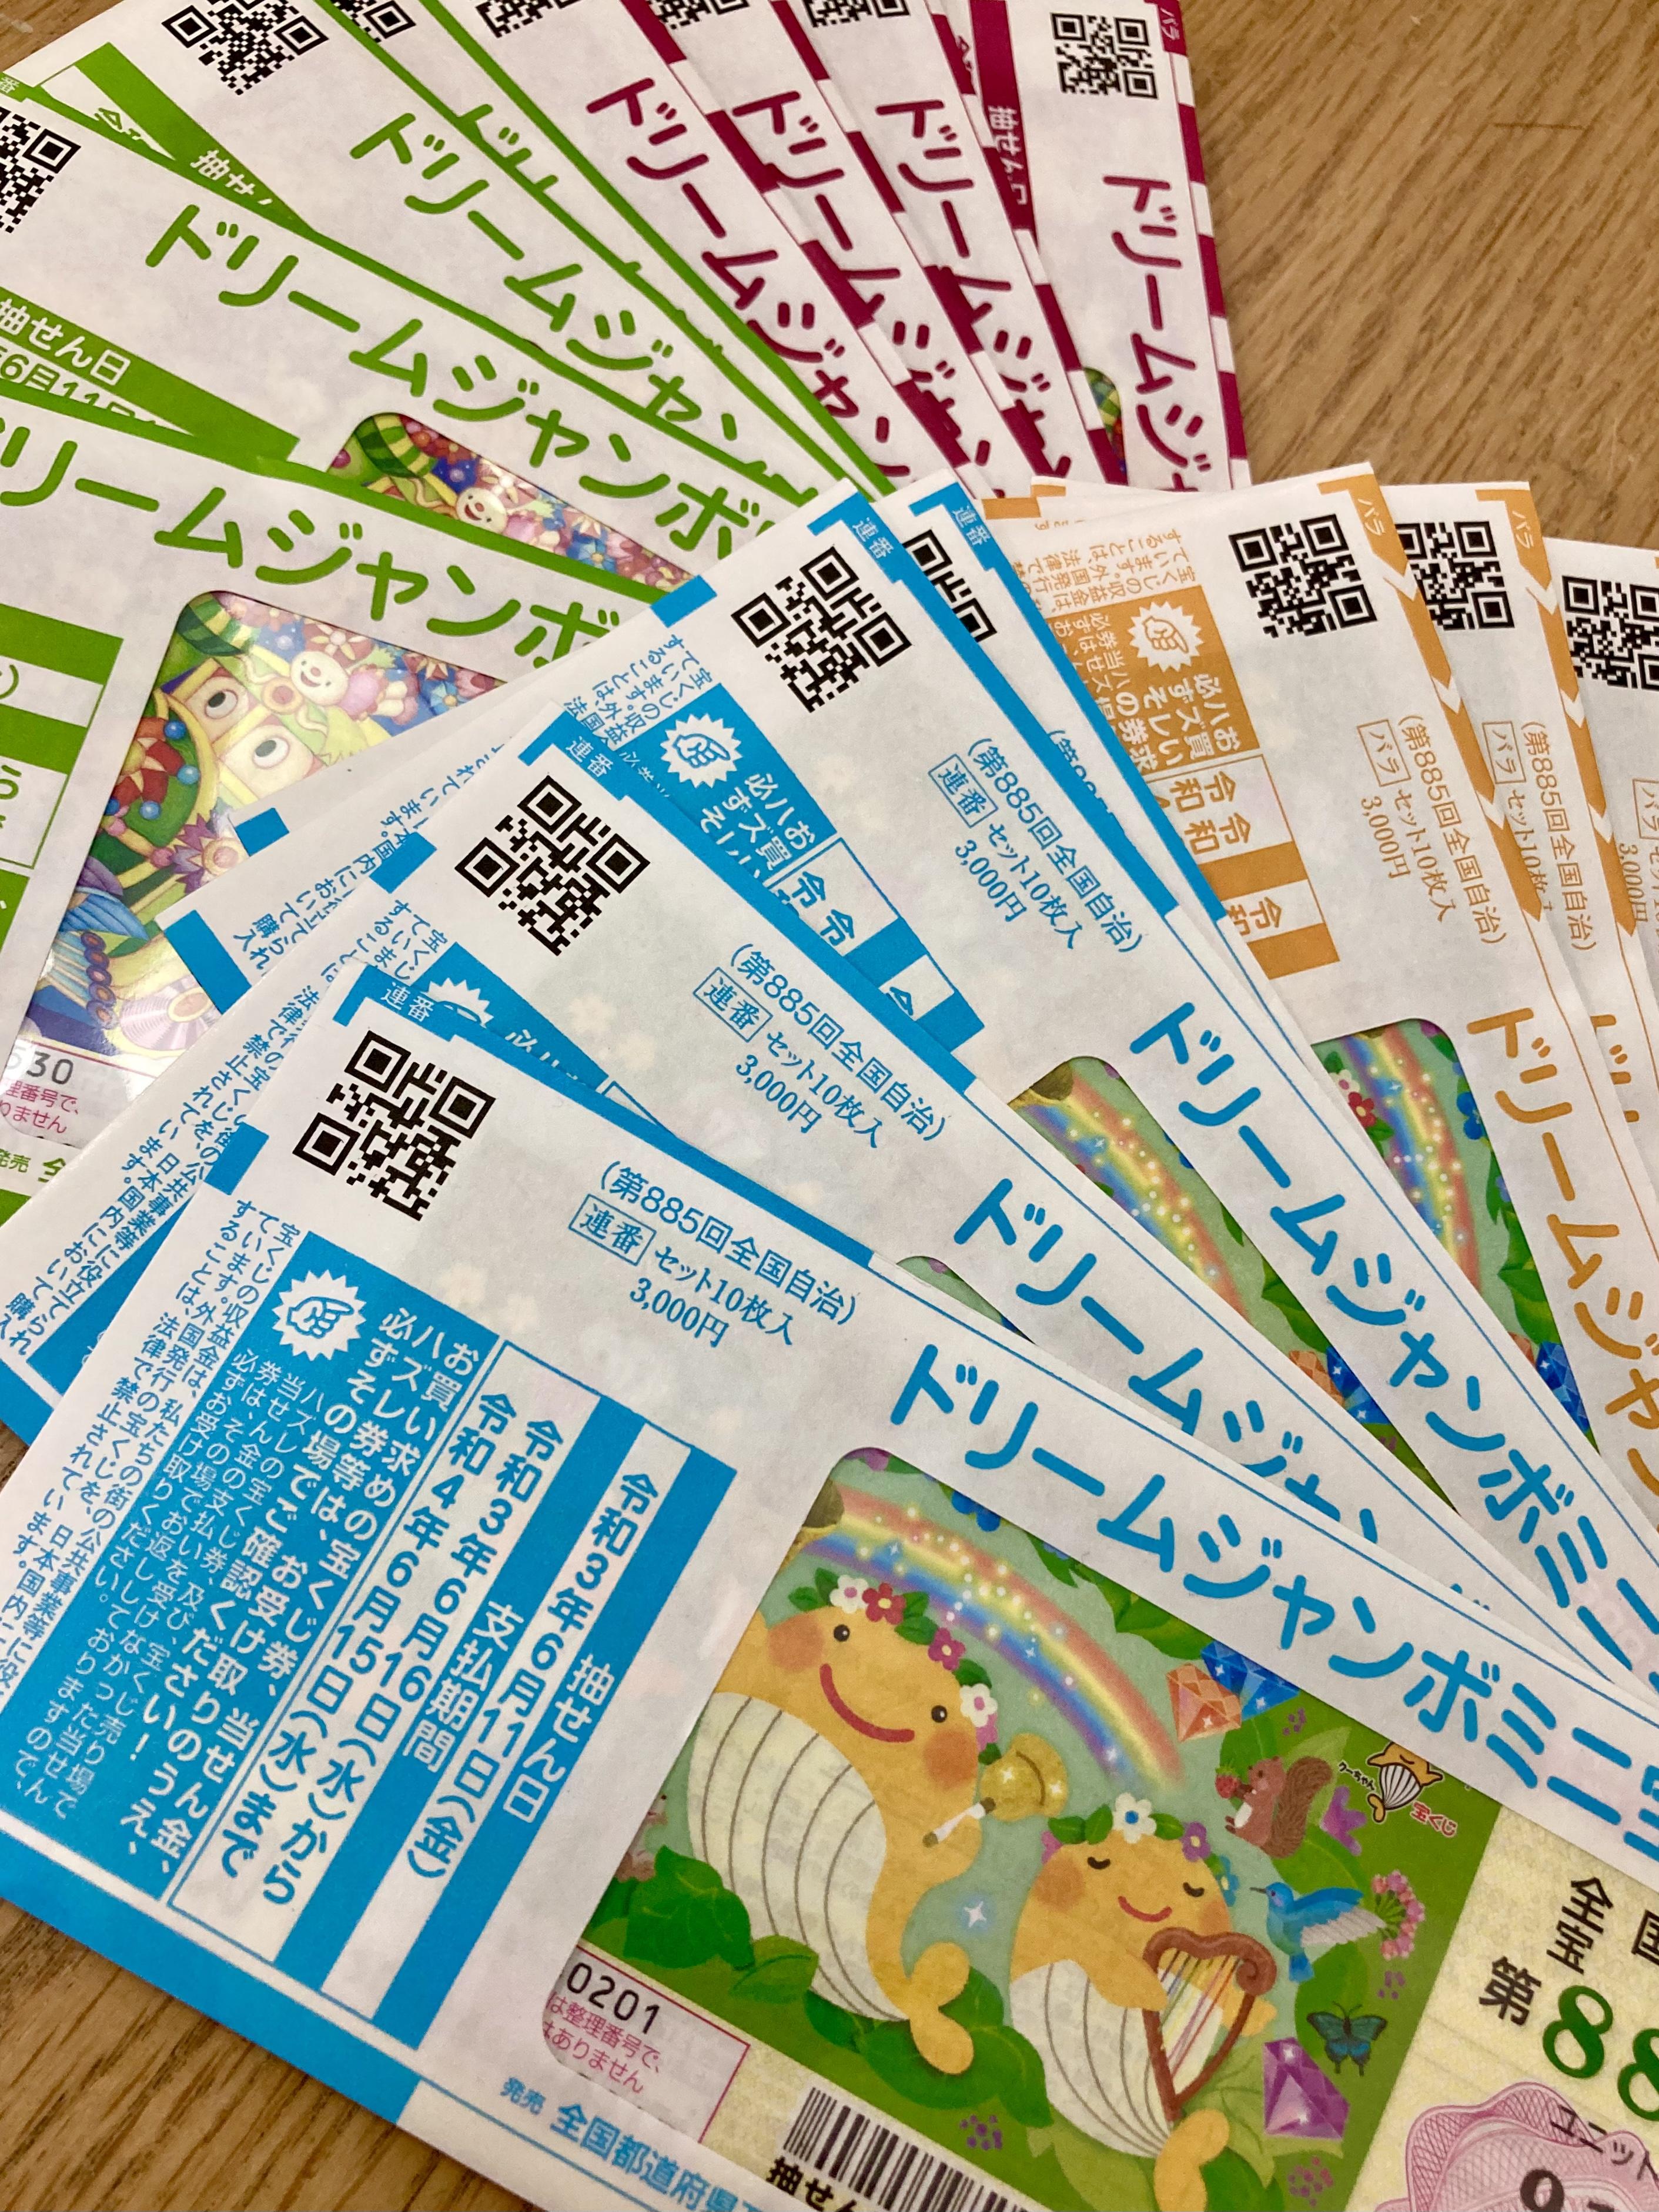 『ドリームジャンボ宝くじ 2021』 本日5月7日(金)より販売開始‼︎